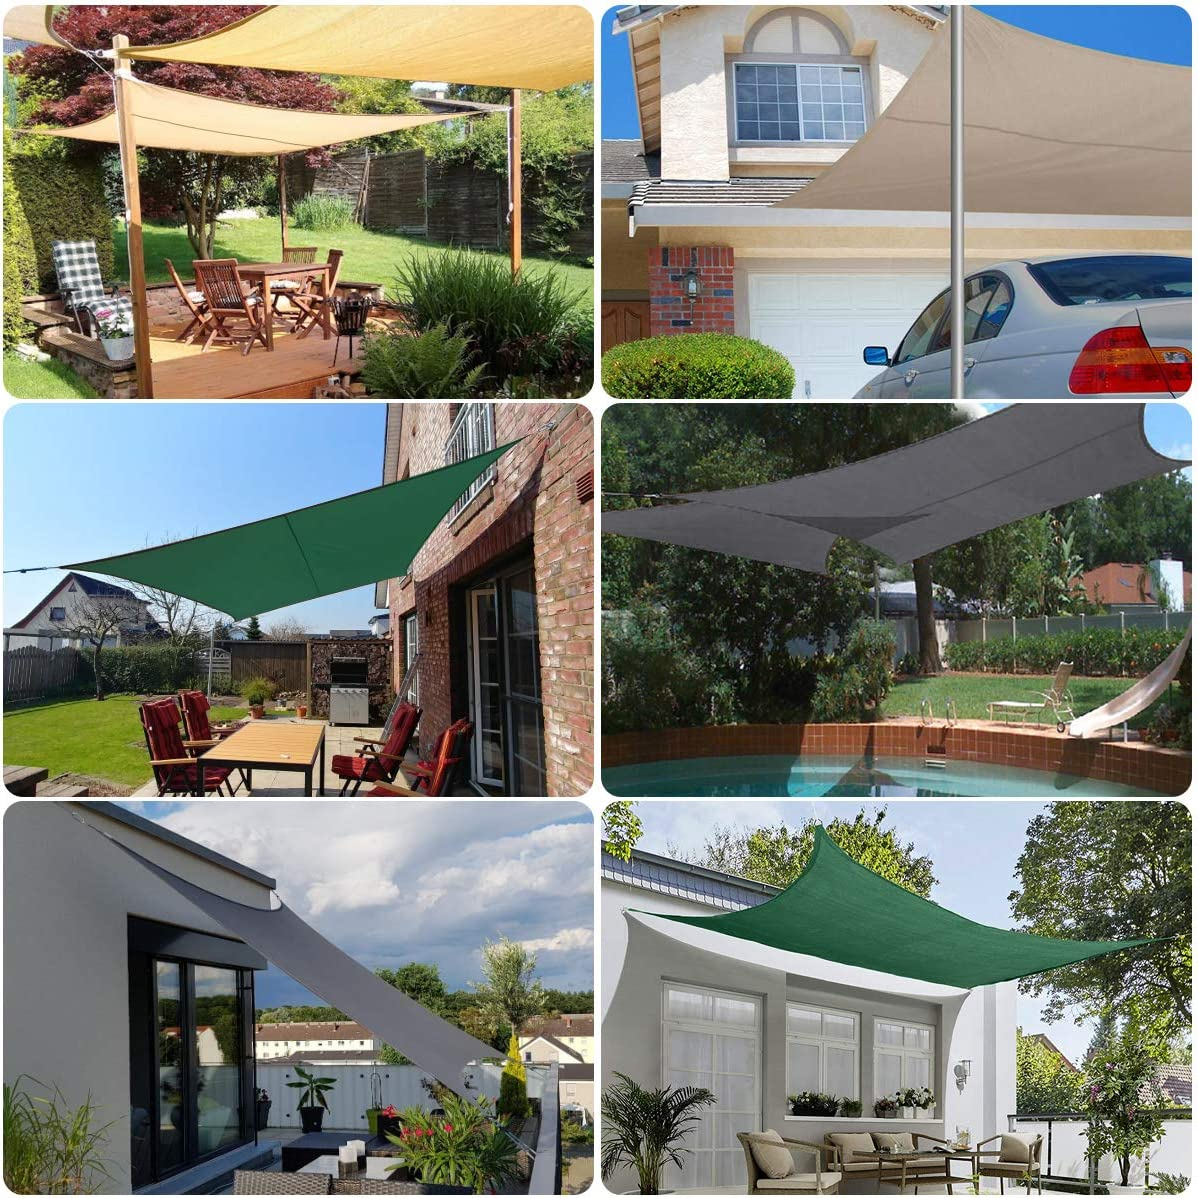 Sekey Toldo Vela de Sombra Rectangular Protección Rayos UV, Resistente Impermeable Transpirable para Patio, Exteriores, Jardín, 3 * 4m Verde, con Cuerda Libre y Kit de Montaje: Amazon.es: Jardín